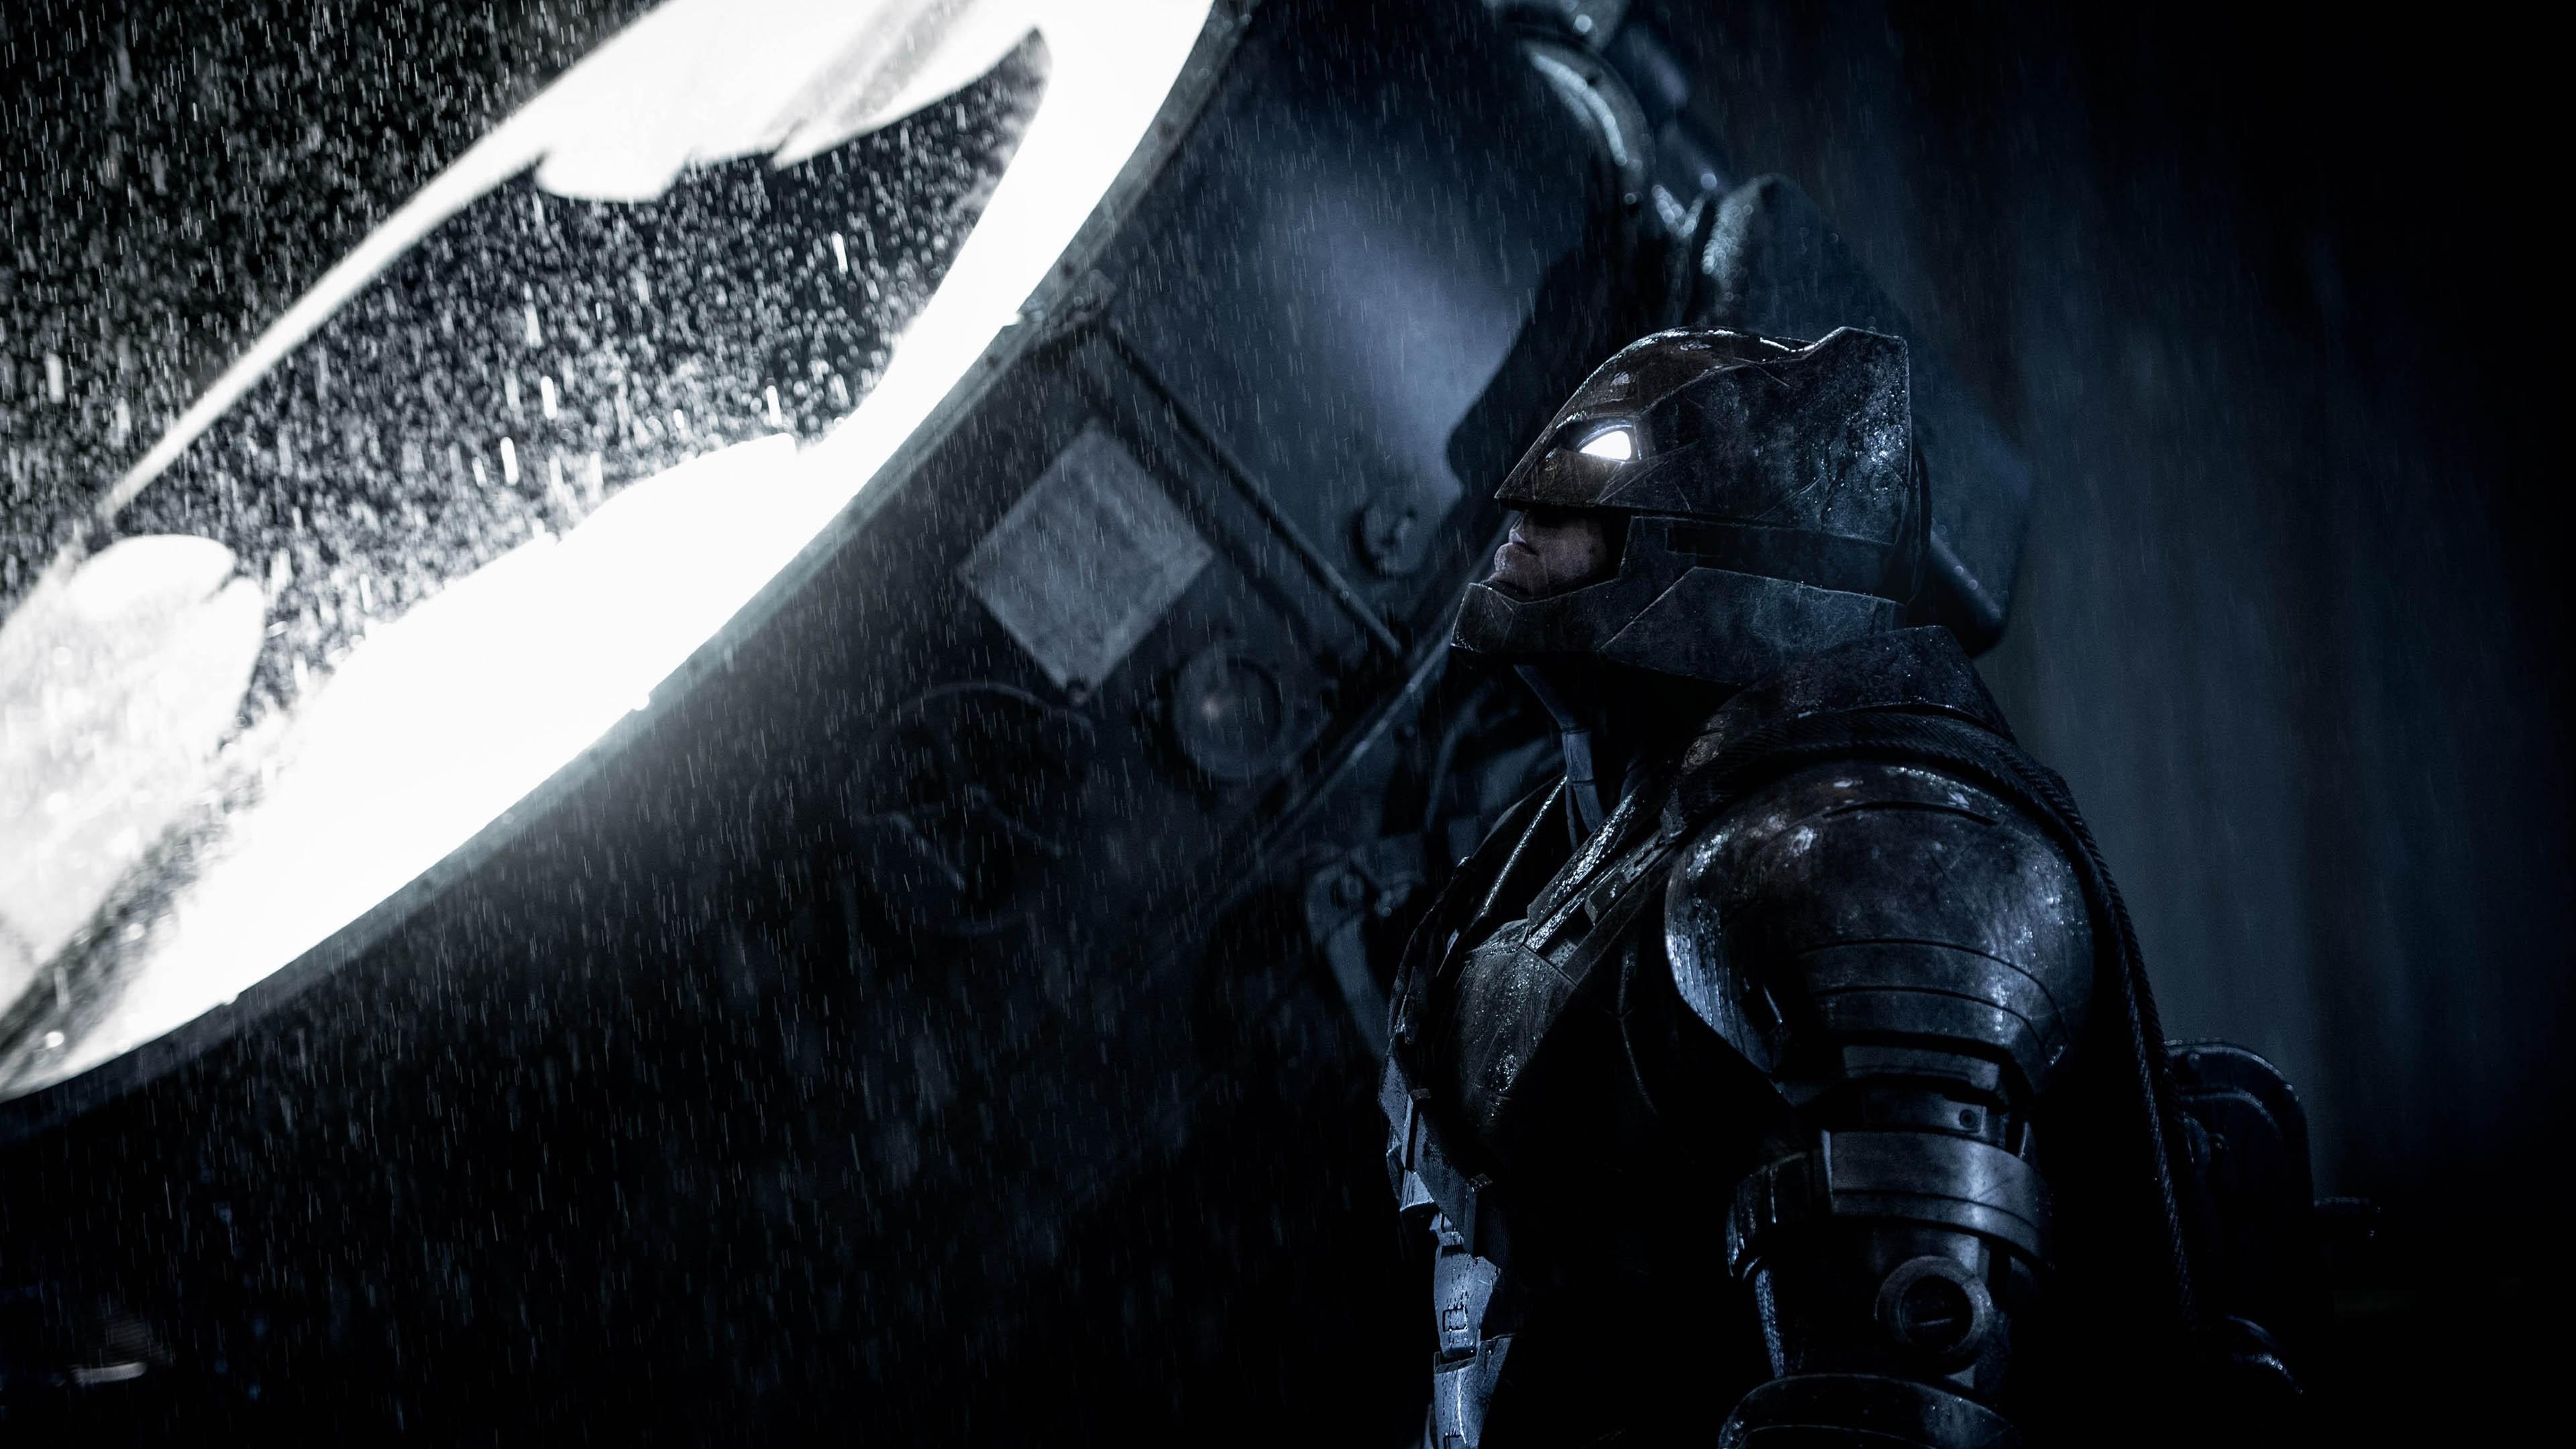 Fondos De Pantalla Monocromo Ordenanza Batman V Superman